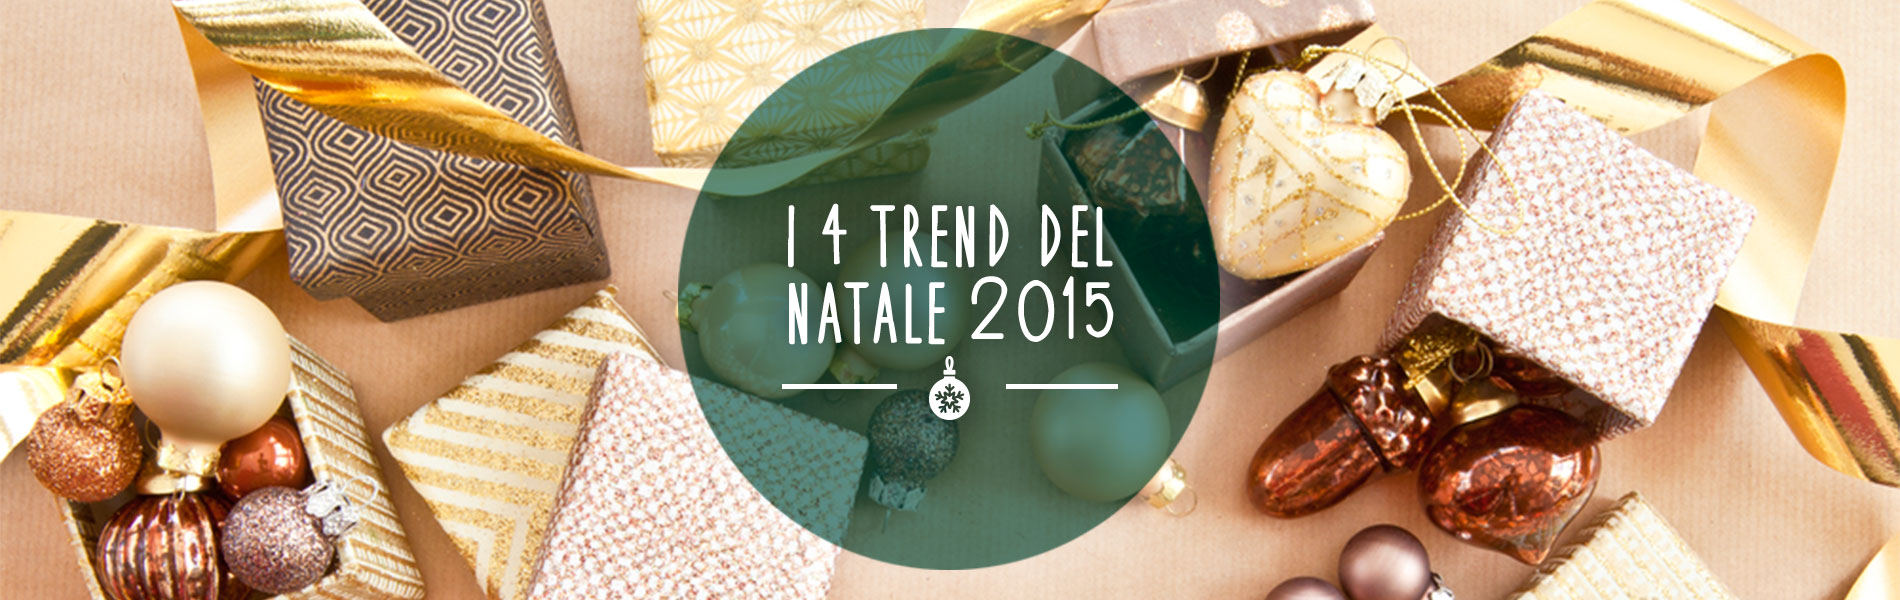 trend natale 2015 top banner